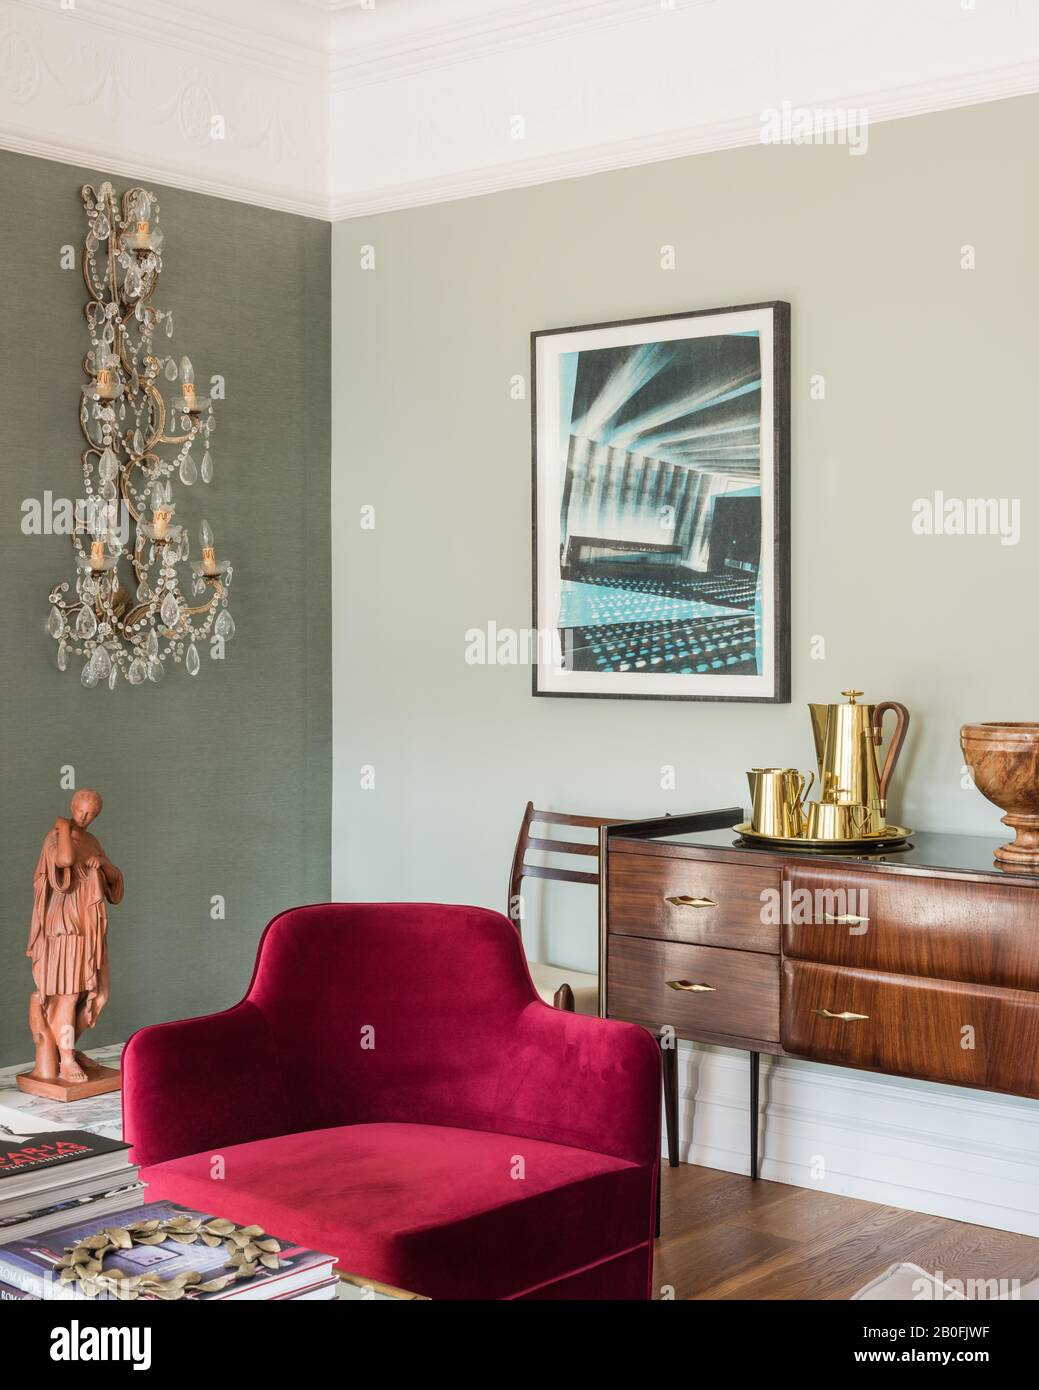 Mélange de pièces anciennes et contemporaines, de buffets de Yoko et d'un fauteuil sur mesure en velours rouge Banque D'Images